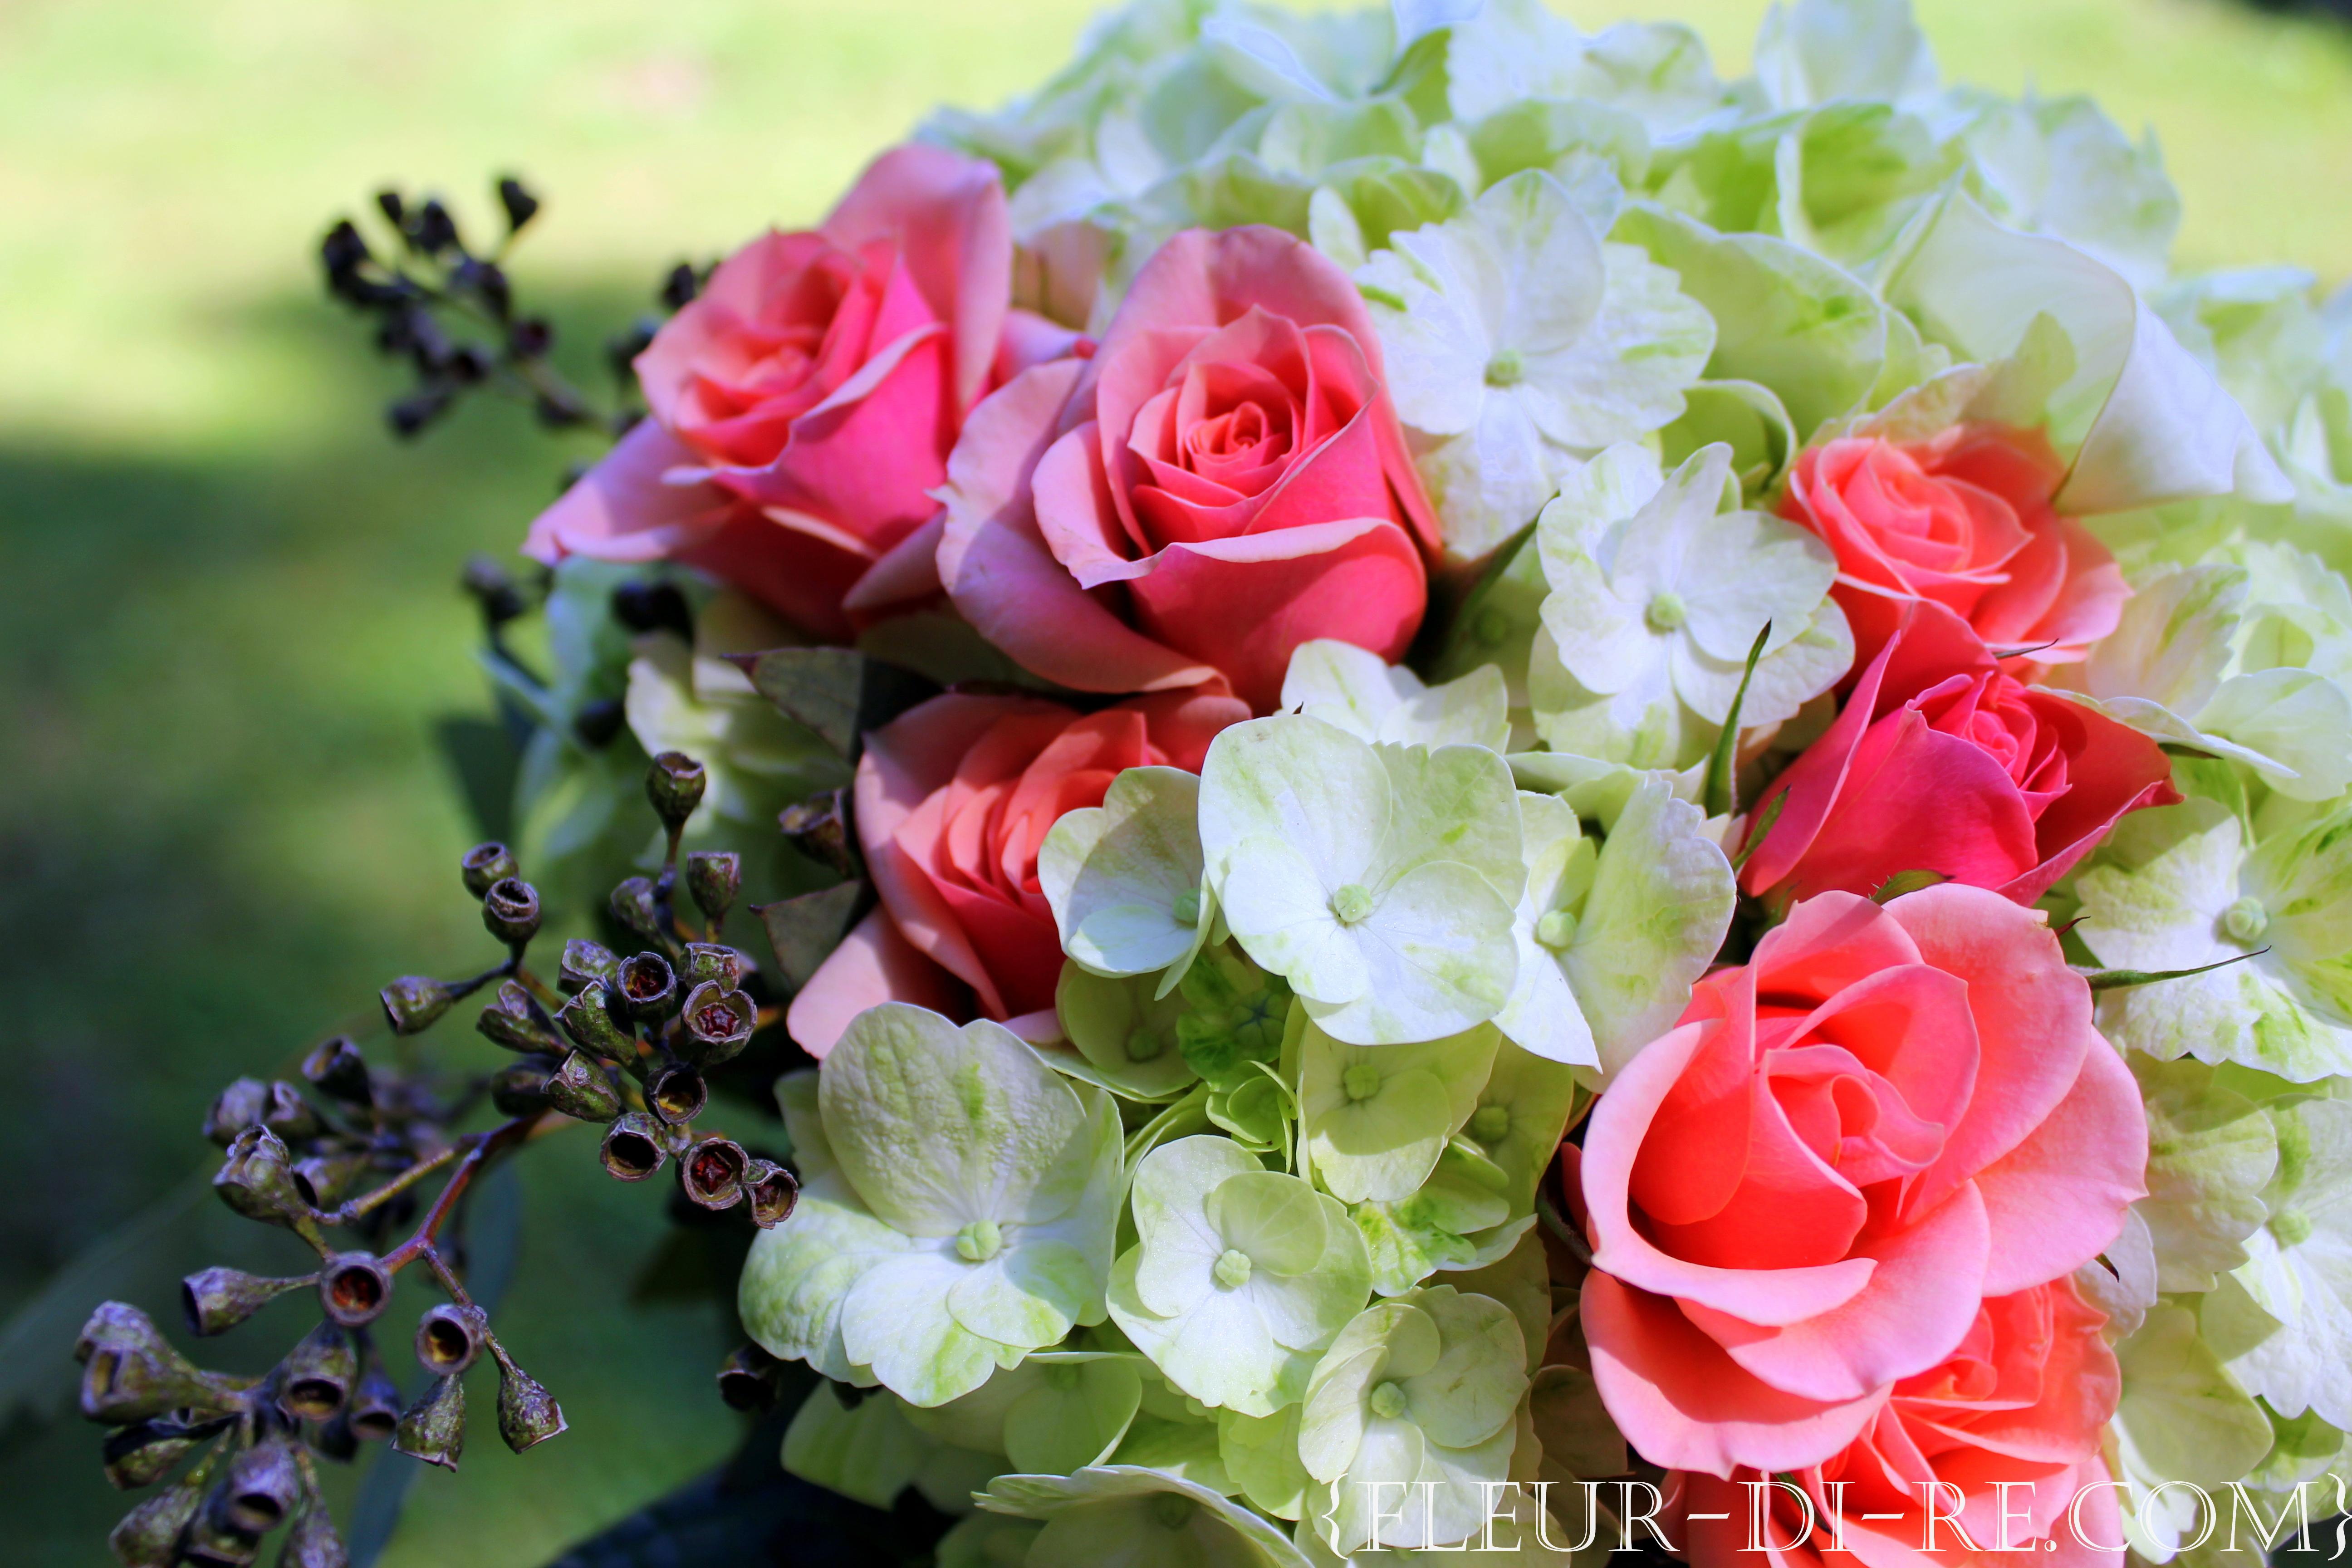 Hydrangea | Fleur-Di-Re